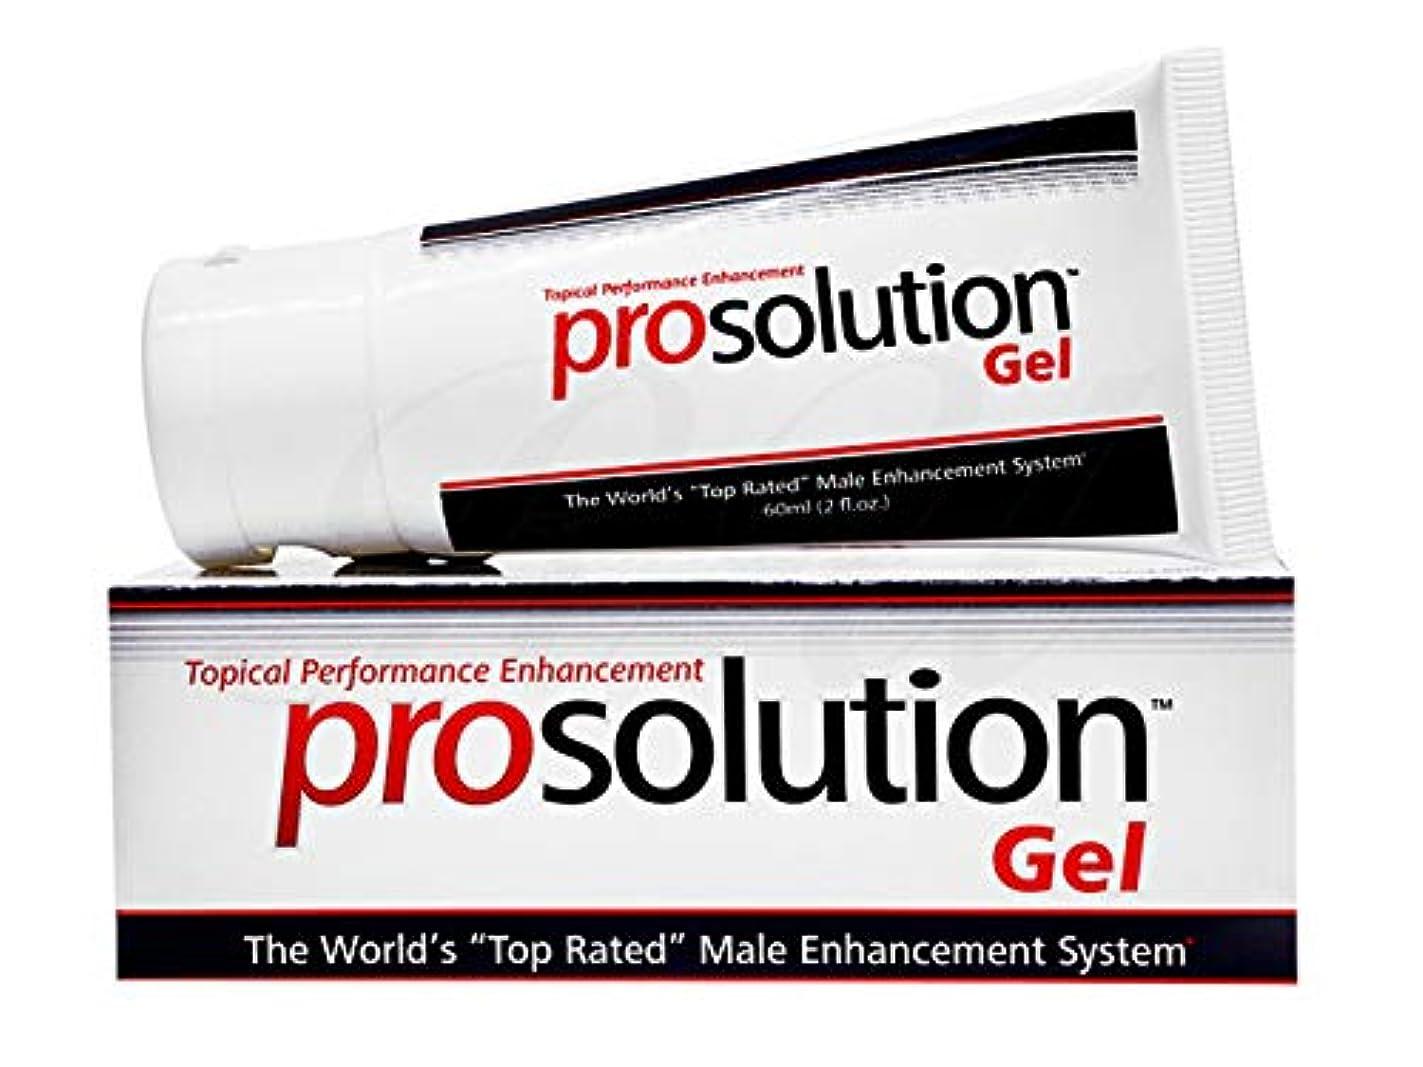 アンビエント作り上げる資格【海外直送】プロソリューションジェル (ProSolution Gel) 60ml×1本